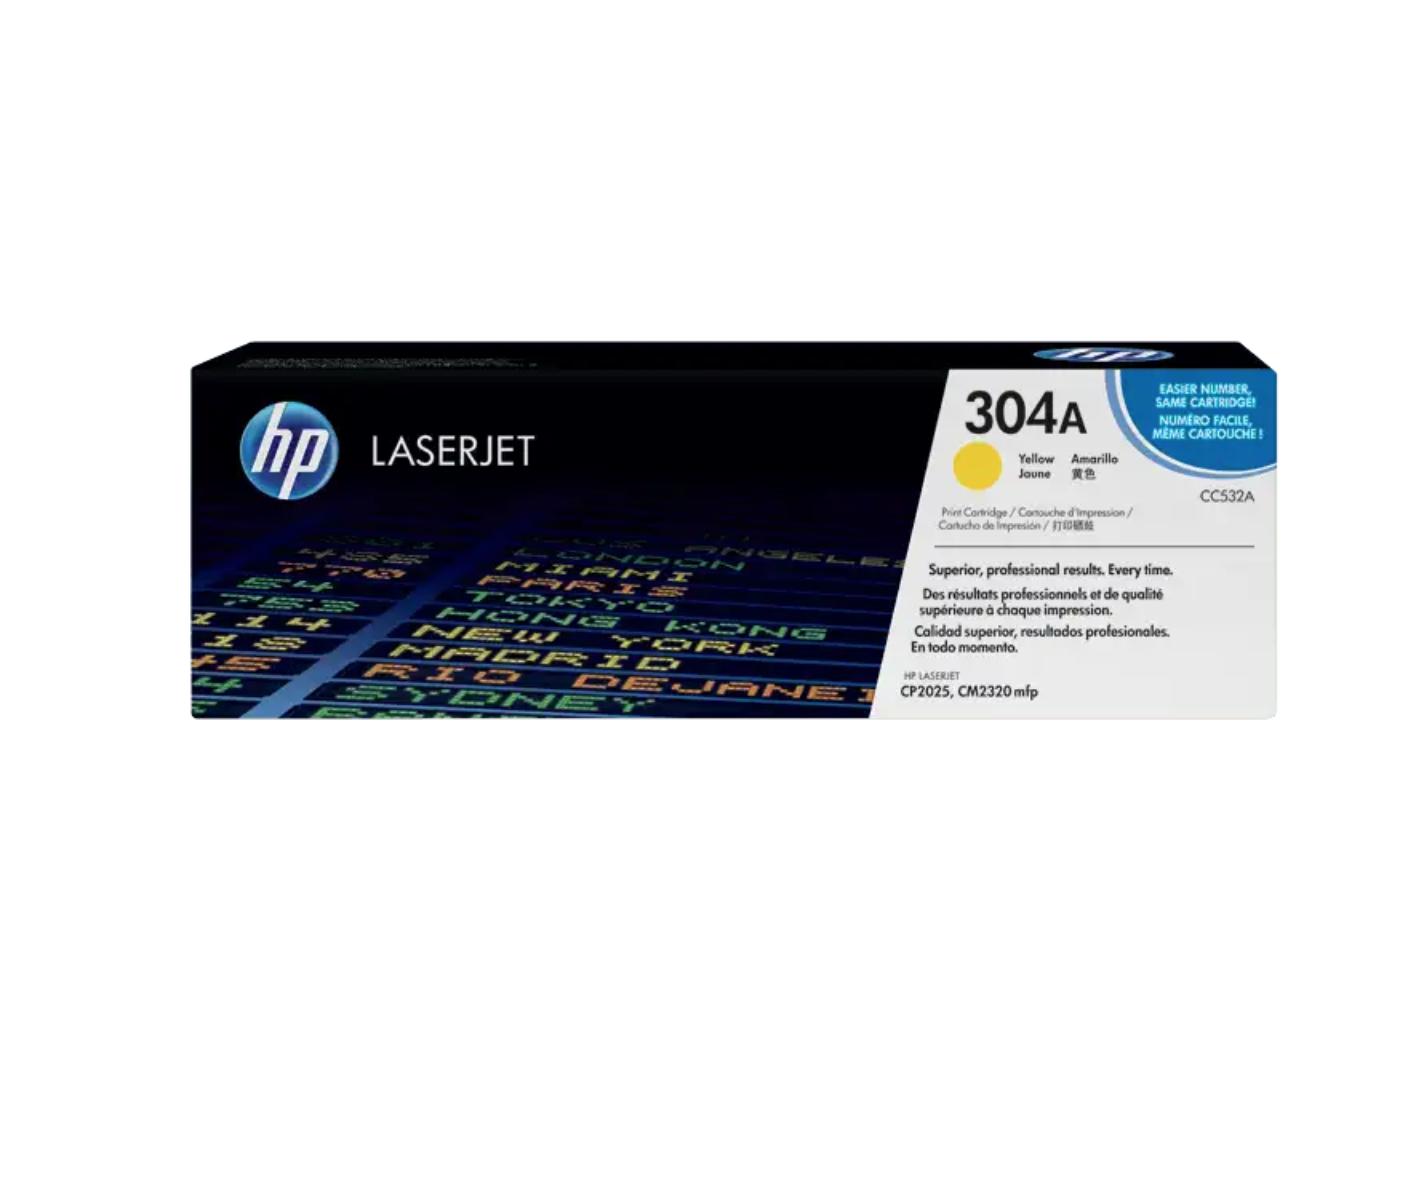 HP 304A 黃色原廠 LaserJet 碳粉 CC532A